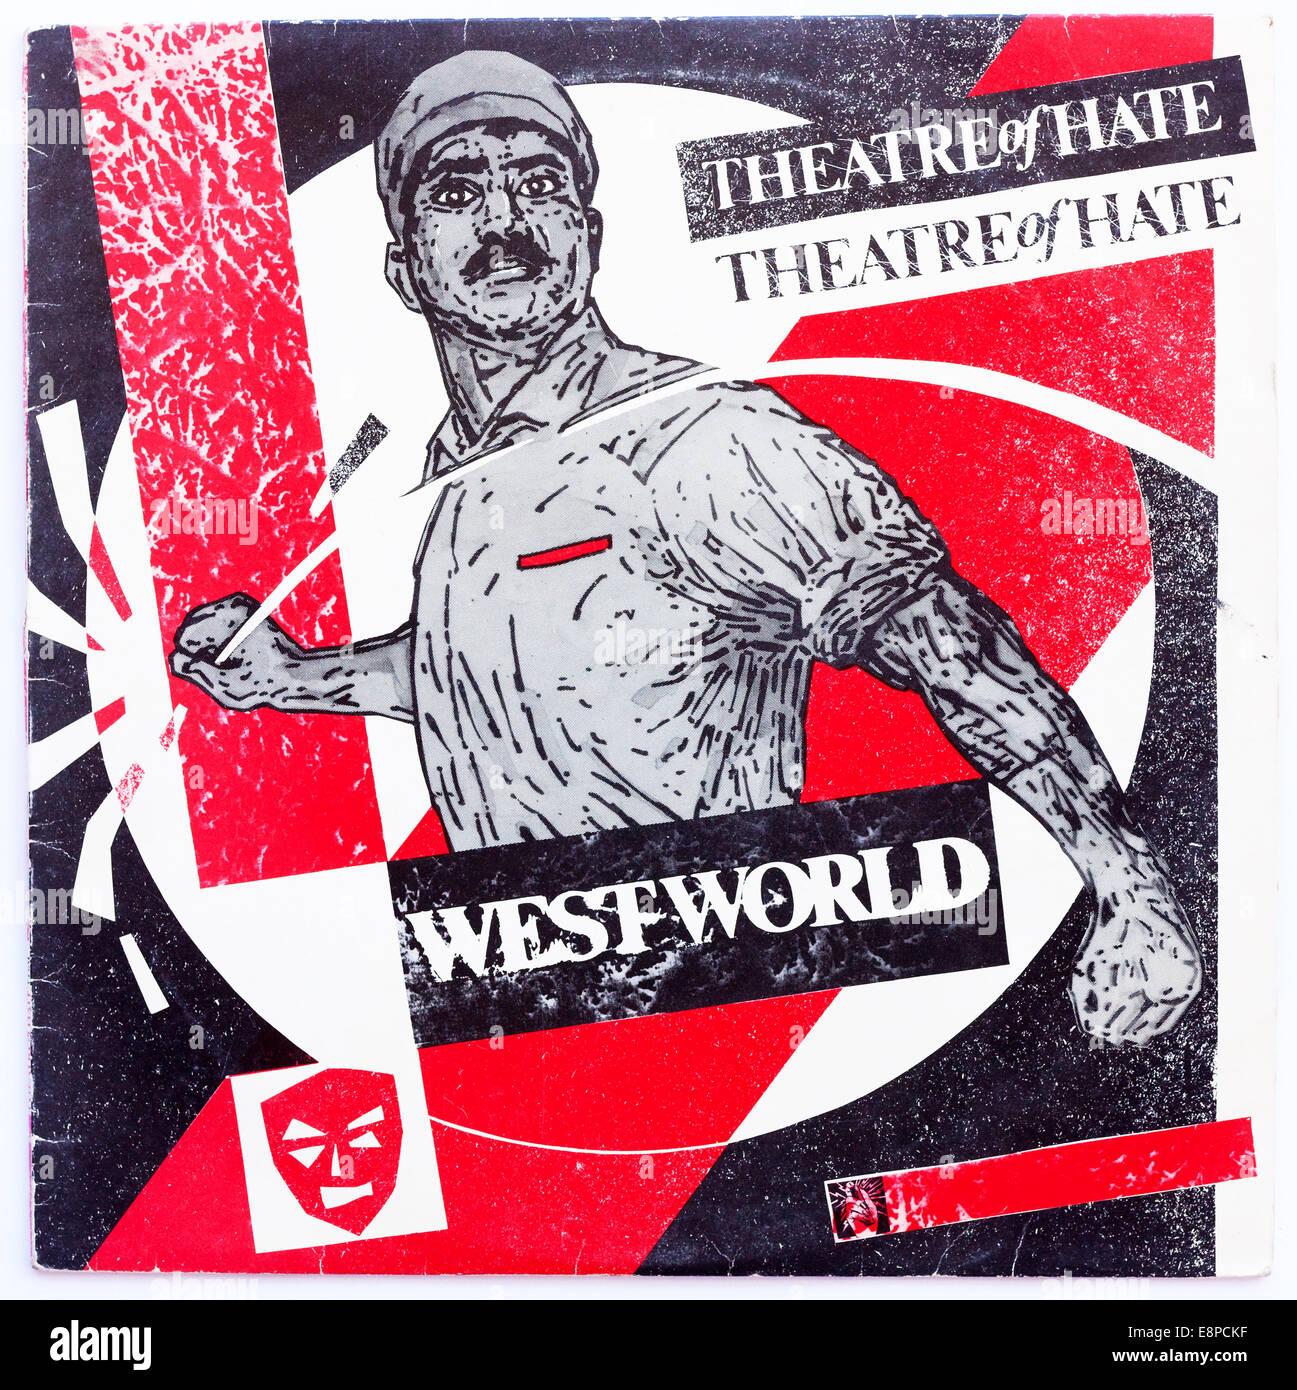 L'art de couverture pour le théâtre de la haine - westworld, 1982 album vinyle sur burning rome records Photo Stock